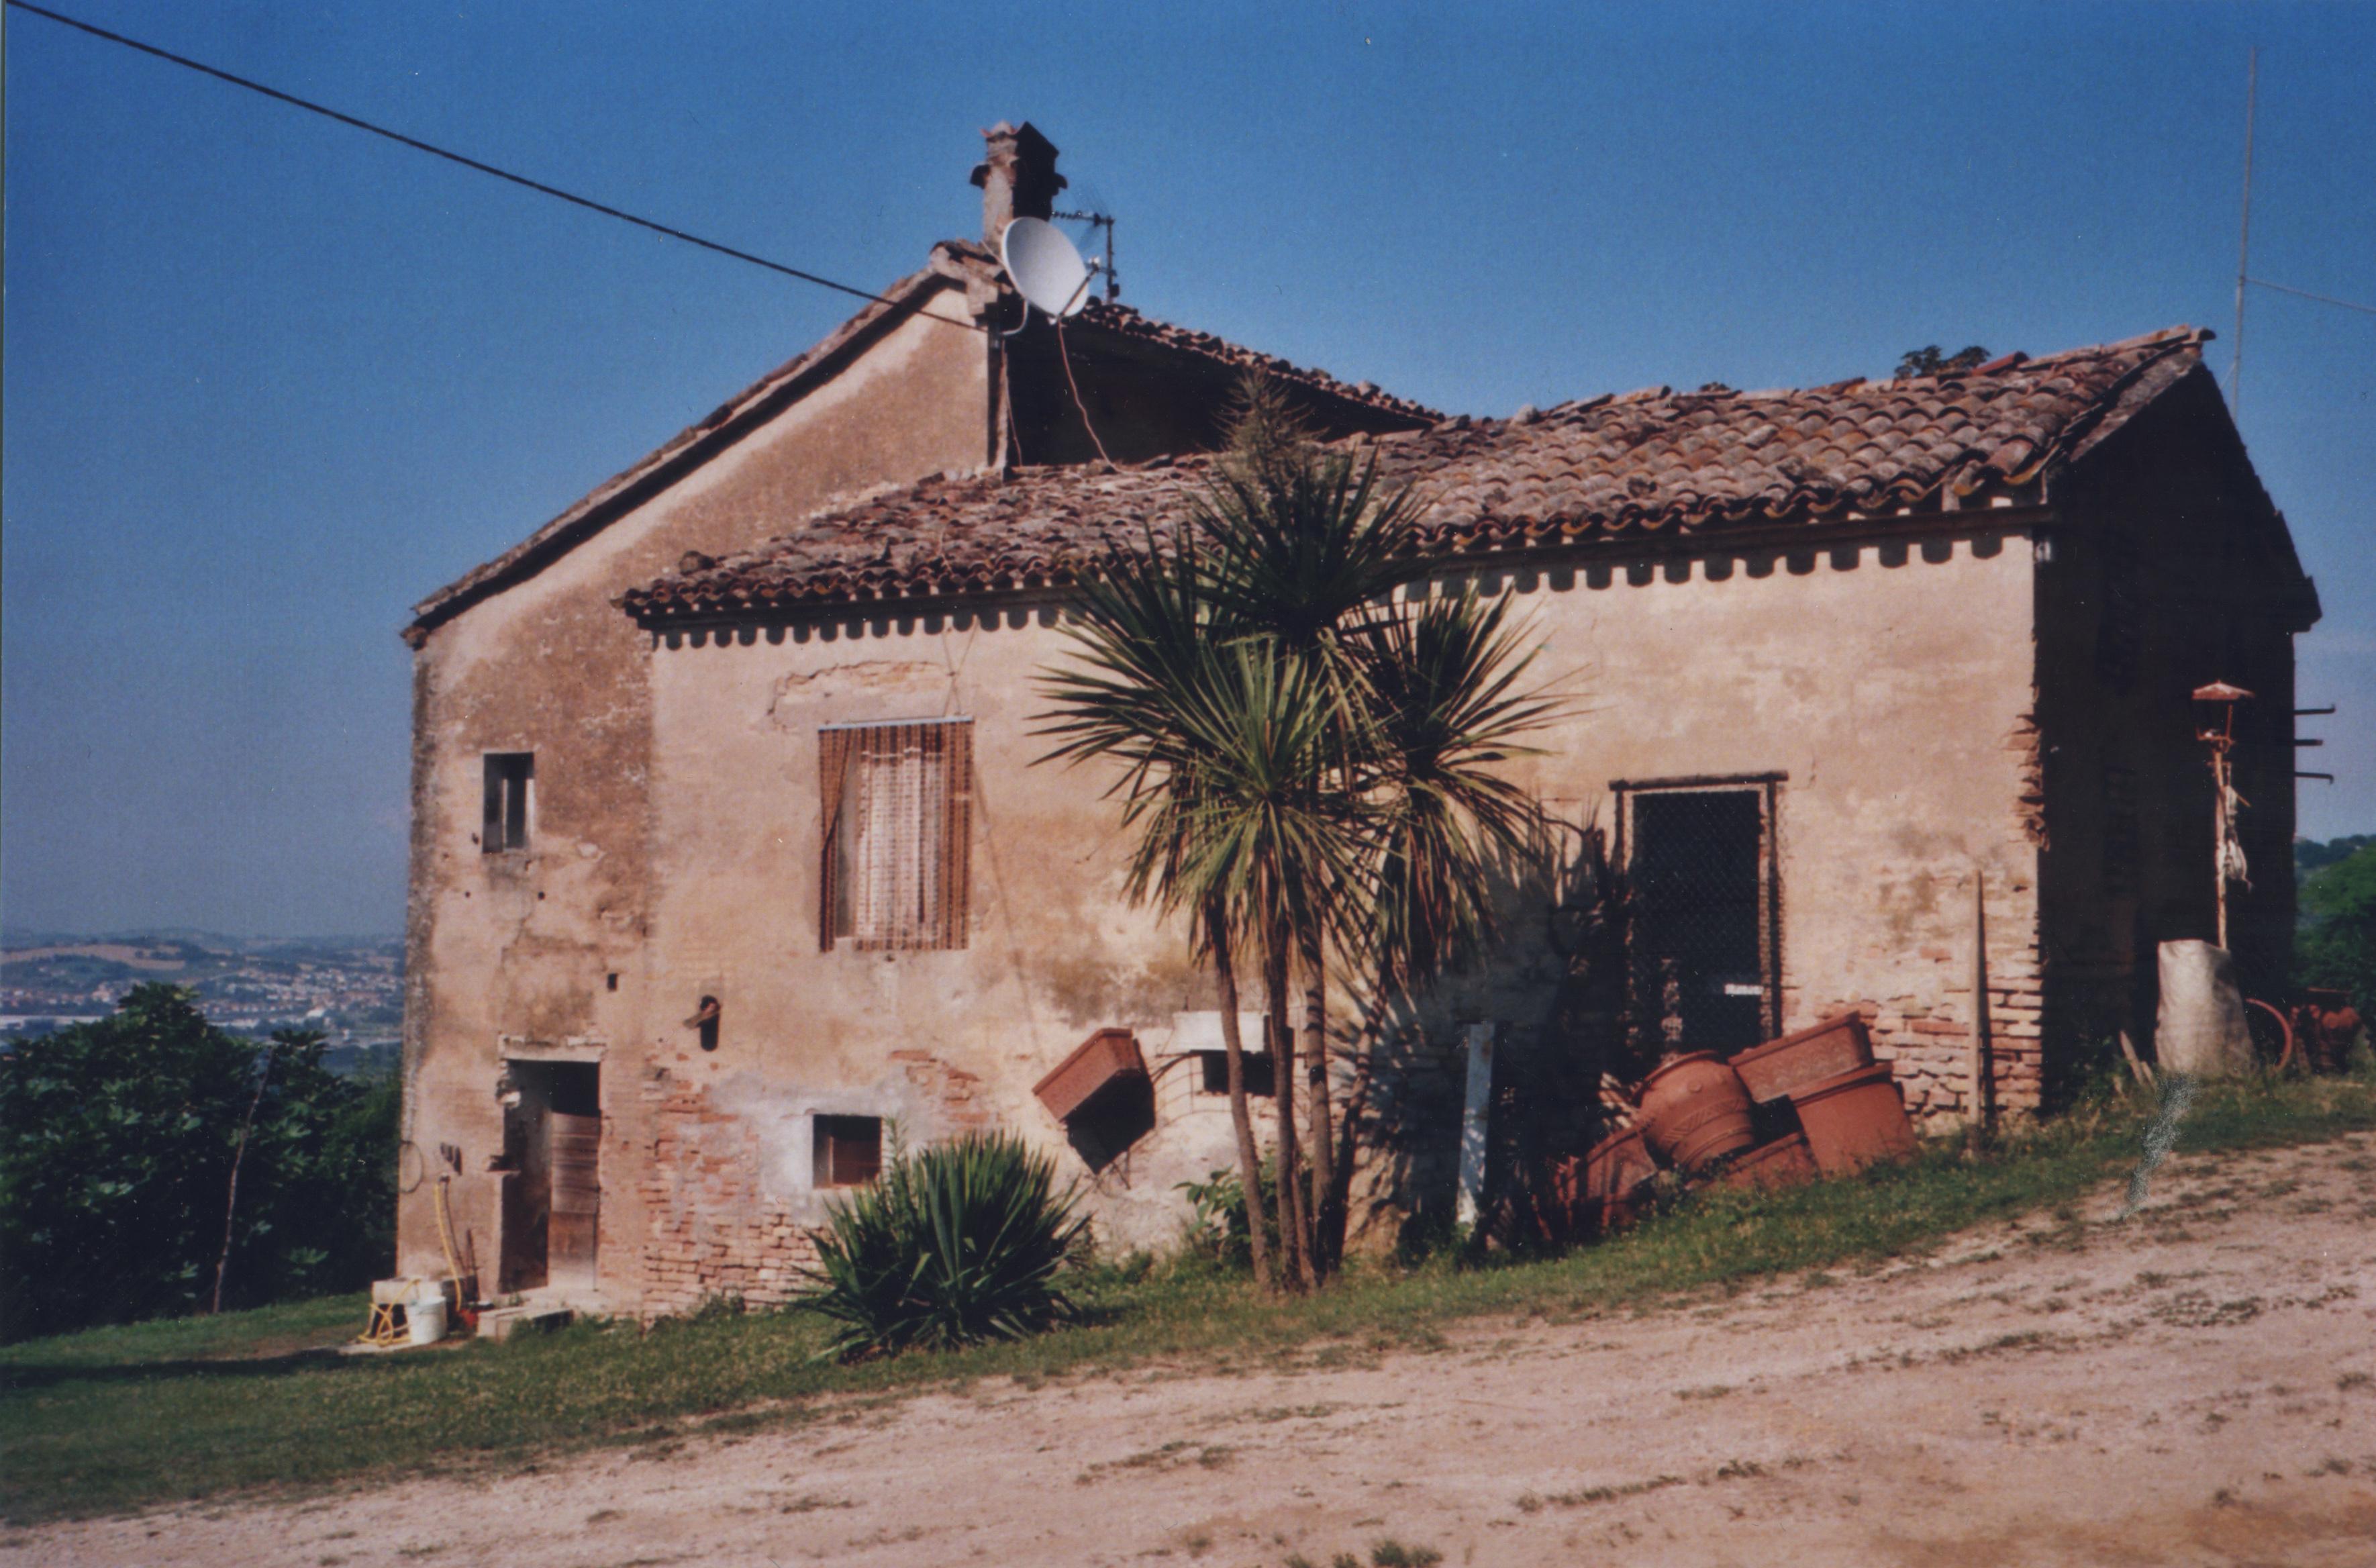 James' Birthplace (Montelebatte) near Pesaro, Italy